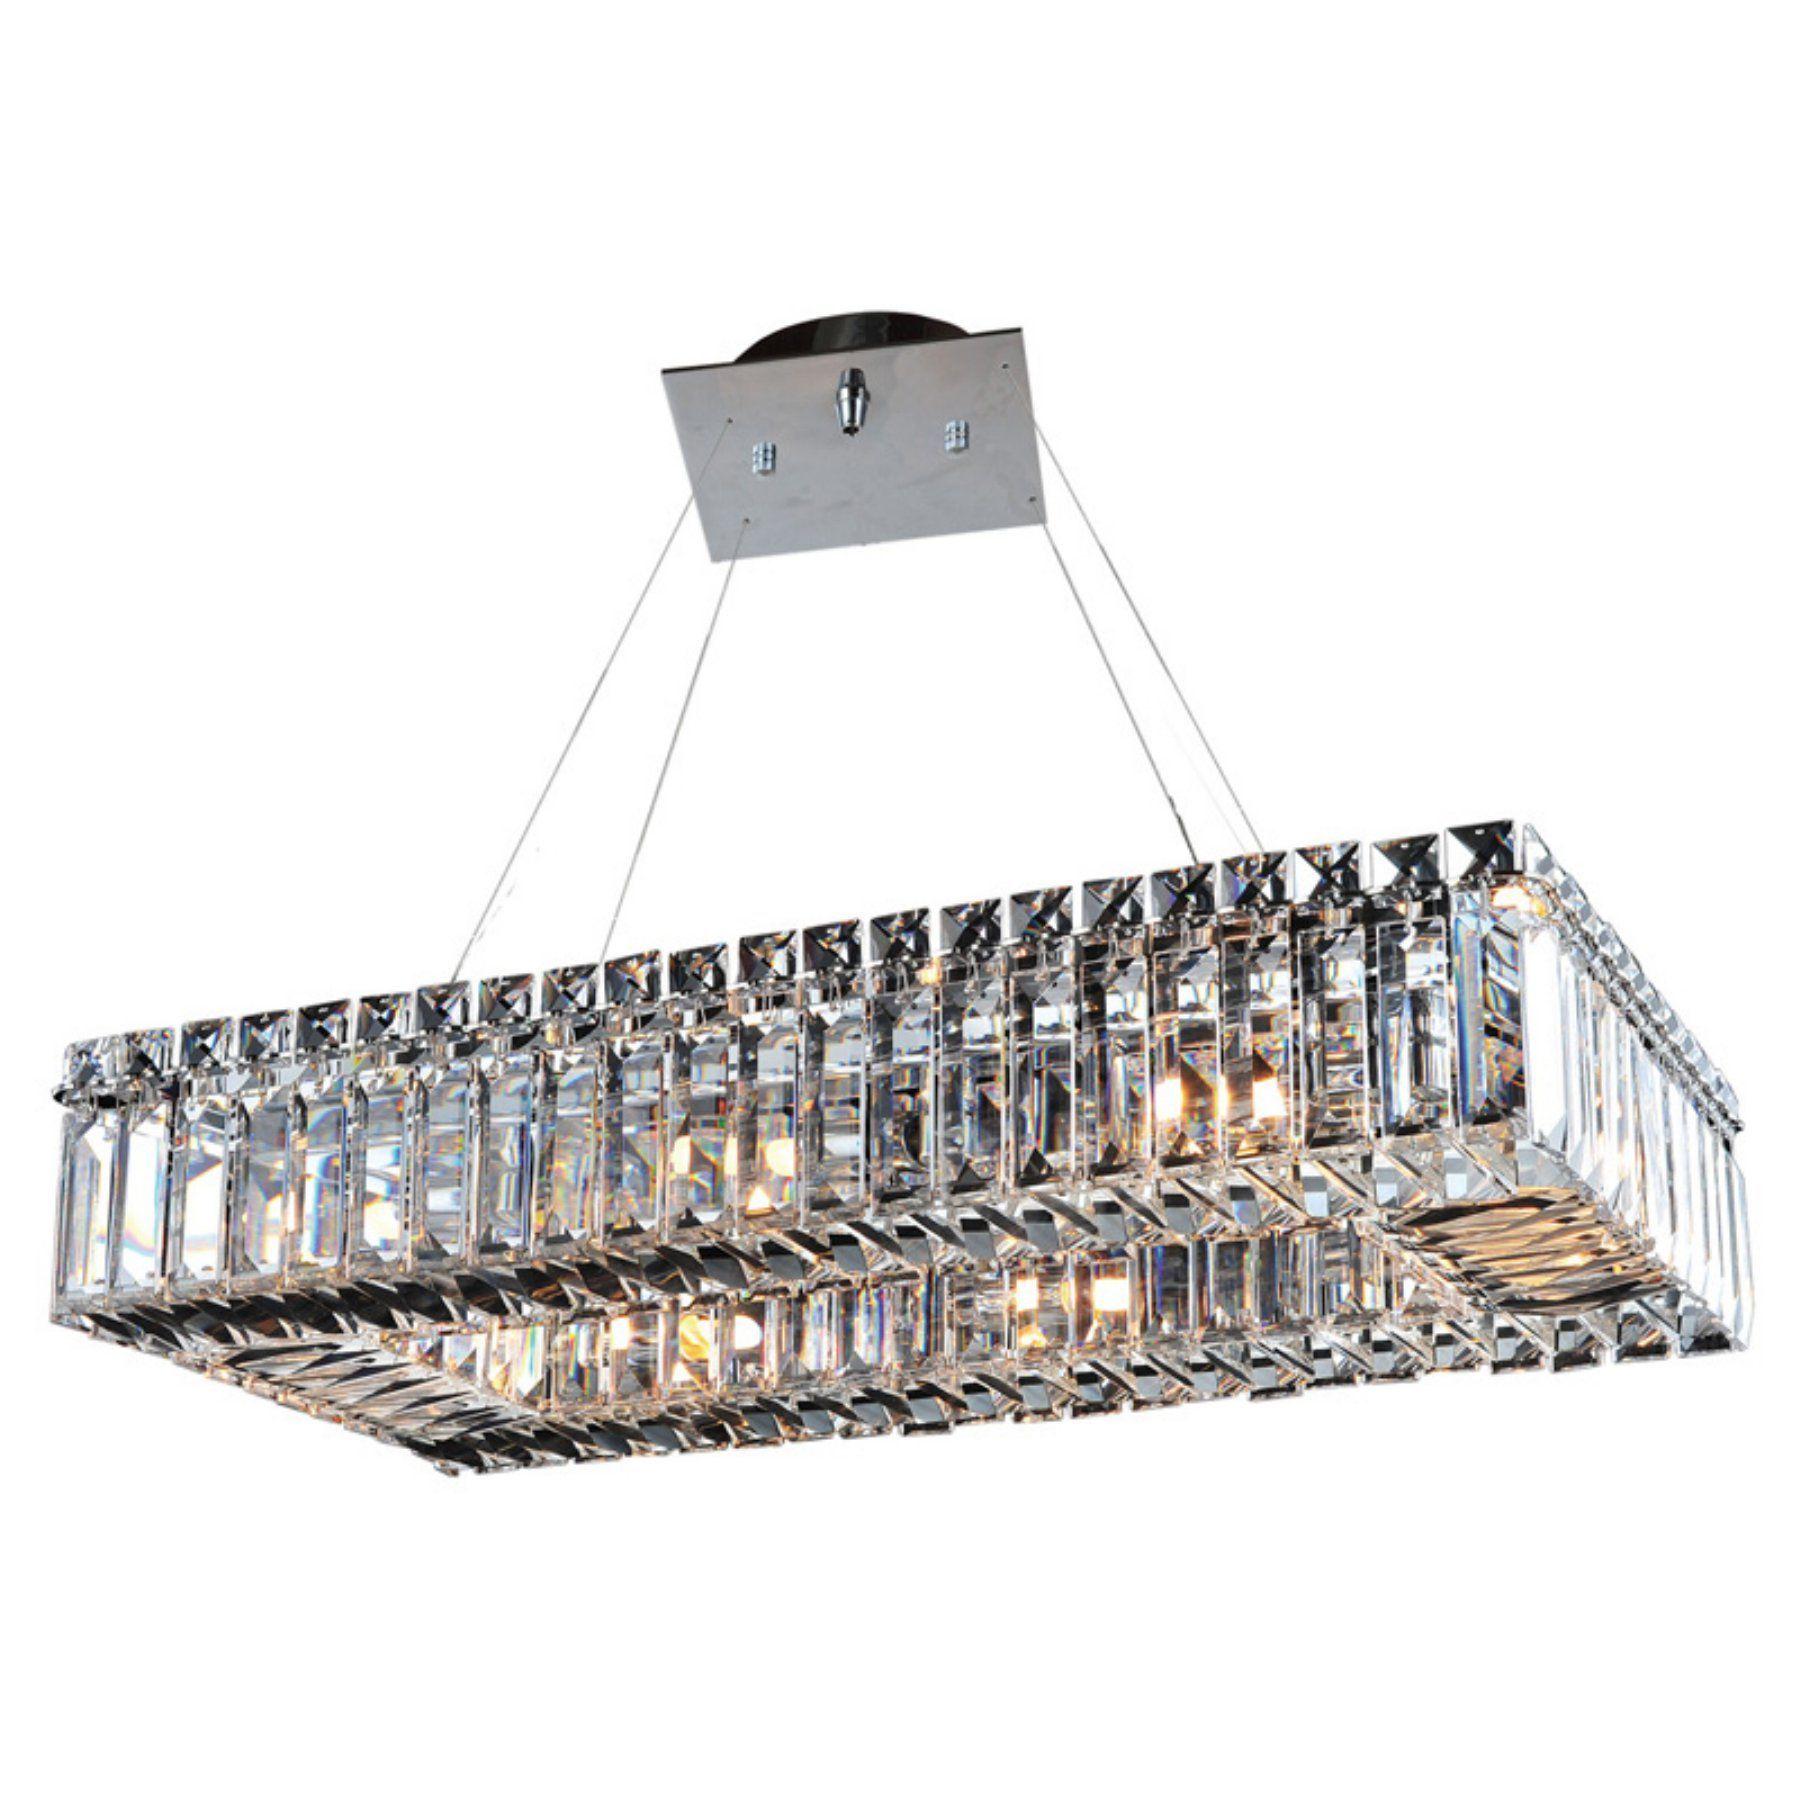 allegri by kalco lighting baguette 11707 010 fr001 pendant light